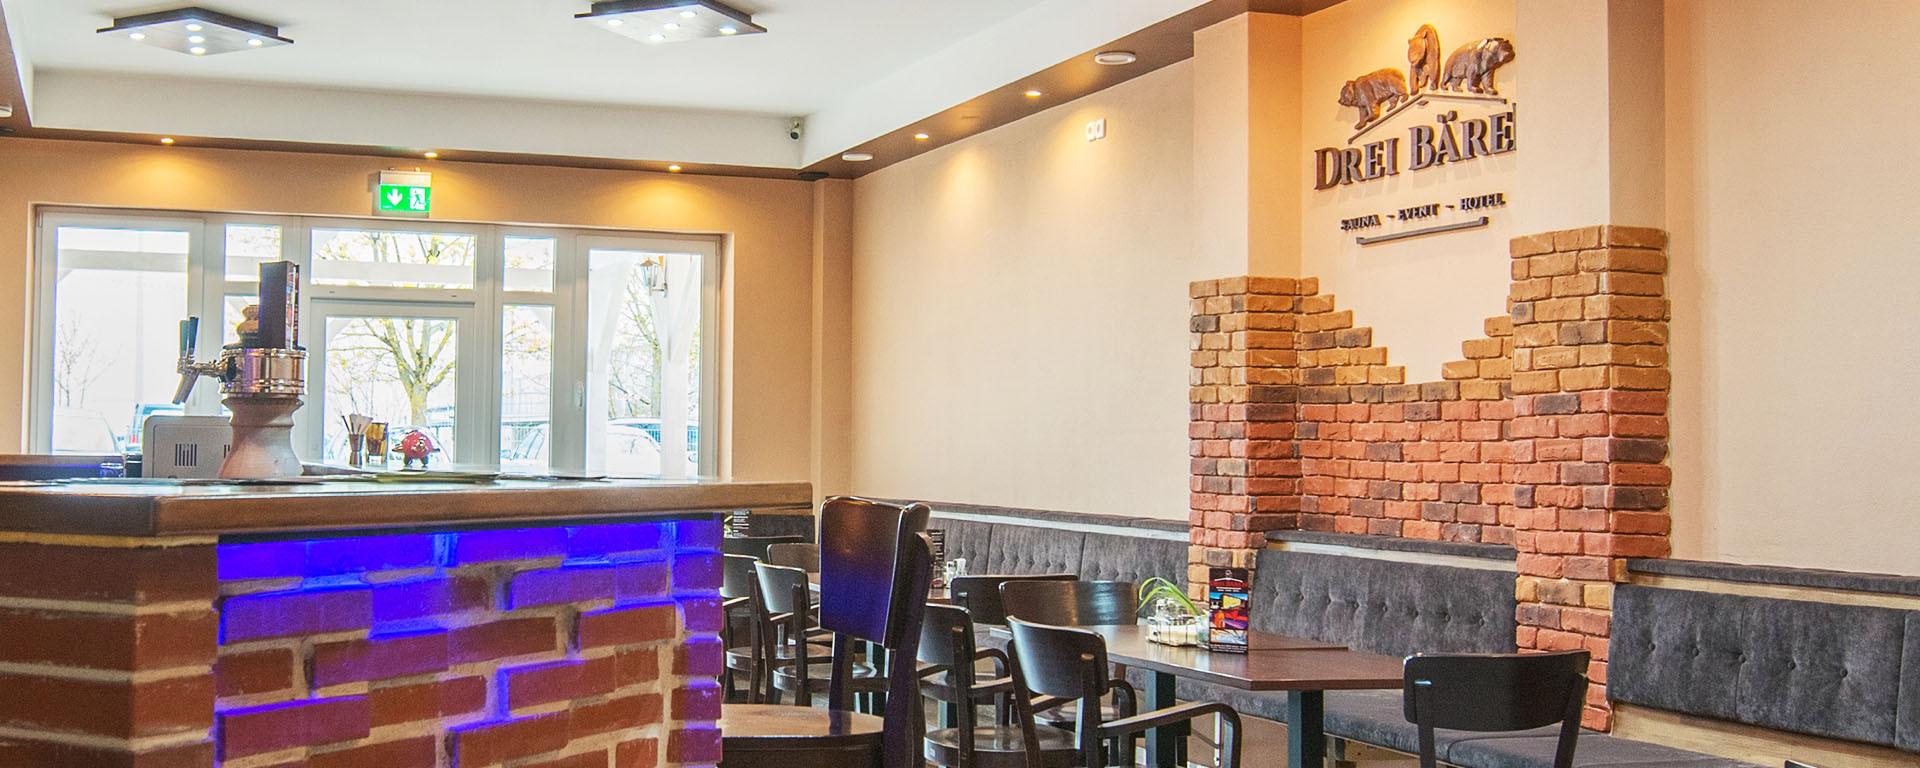 Hotel-Restaurant mit russischen Spezialitäten in 86551 Aichach bei Dasing/ Augsburg